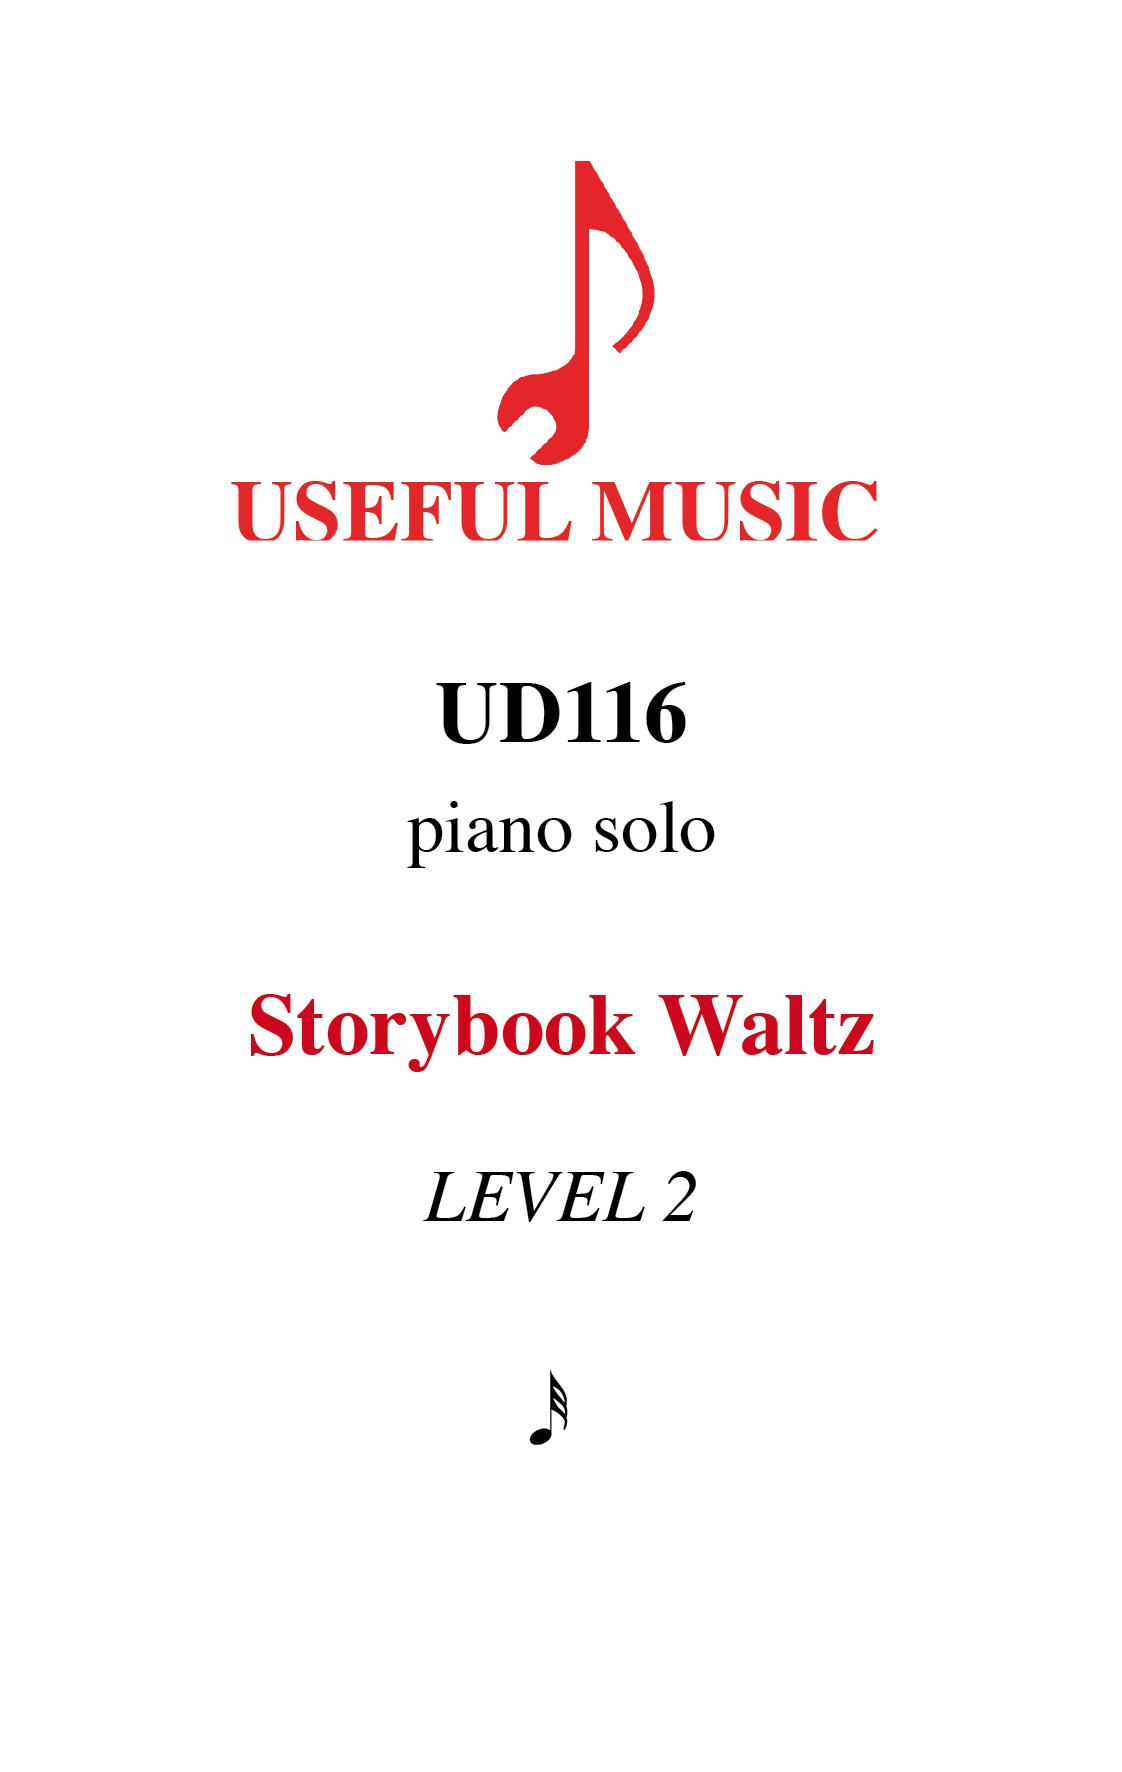 Storybook Waltz